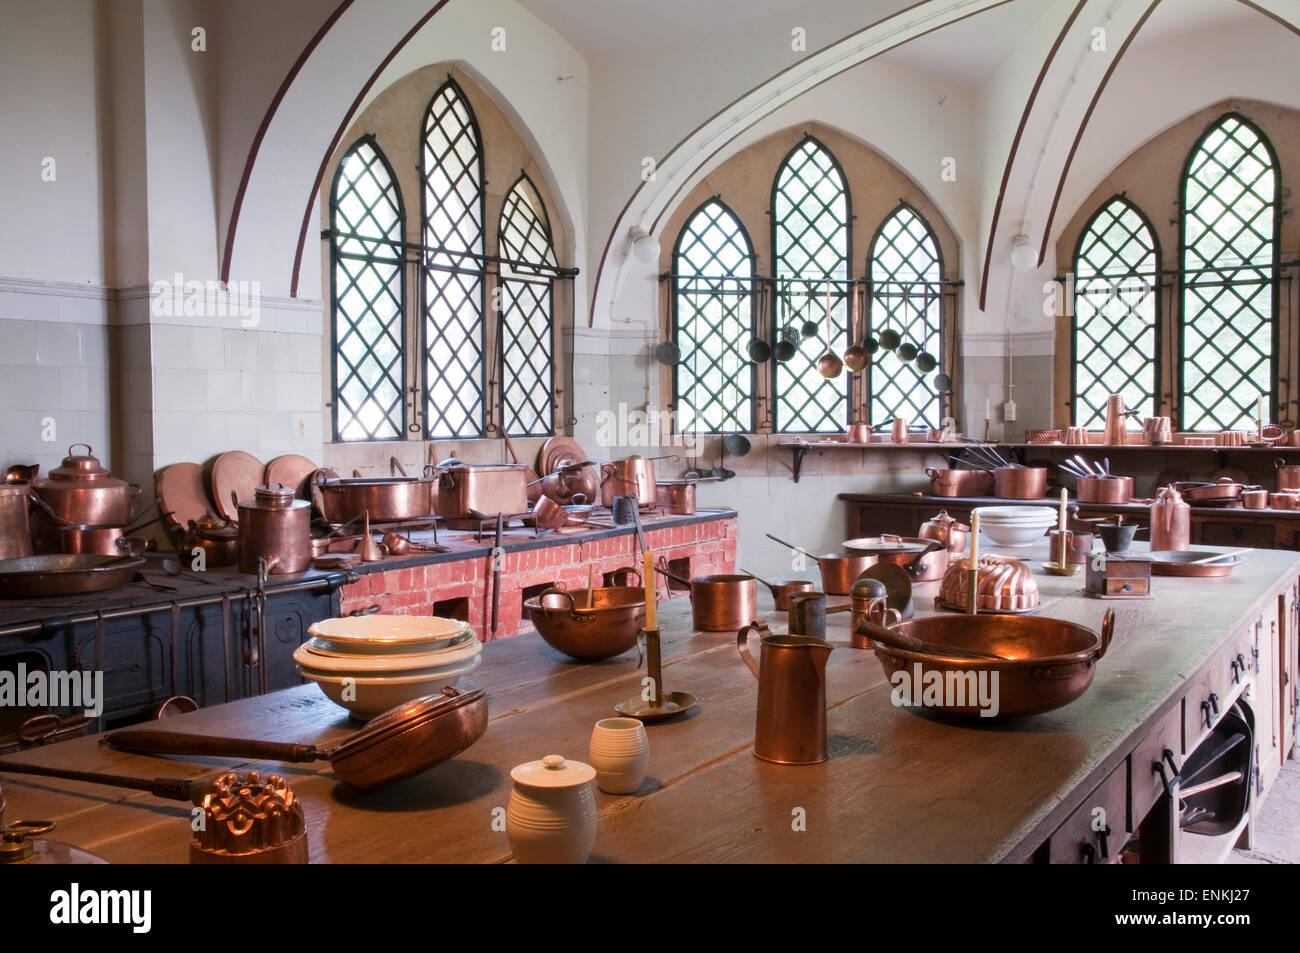 Küche, Schloss Marienburg in der Nähe von Hildesheim, Niedersachsen, Deutschland Stockbild